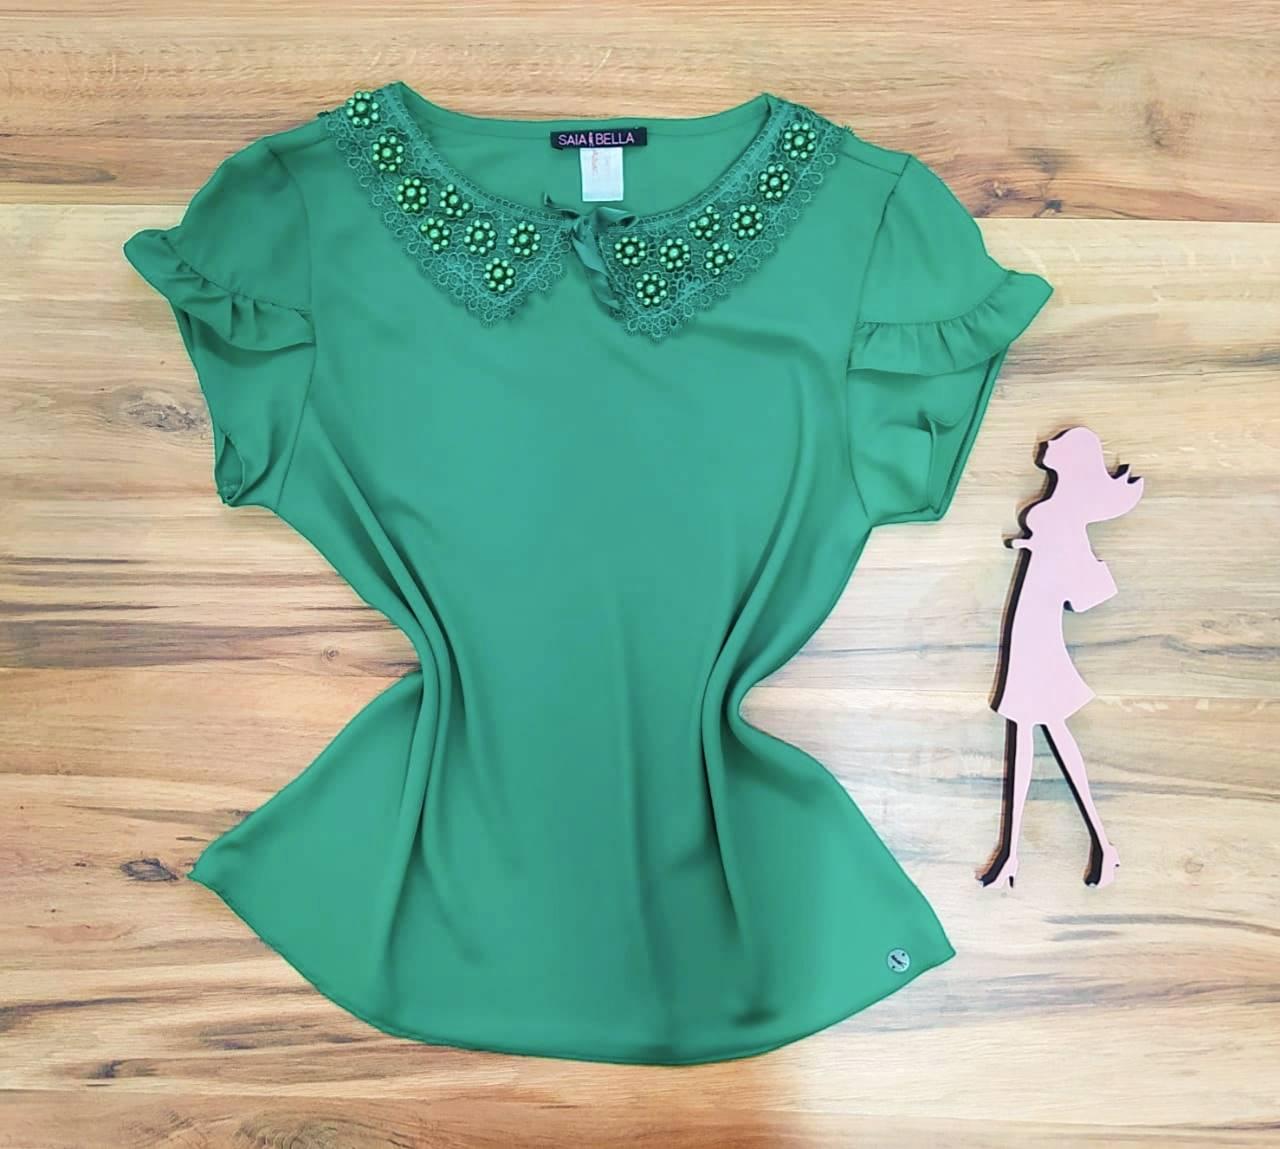 Blusa Solina de Renda Saia Bella - SB774016 - Verde Bandeira